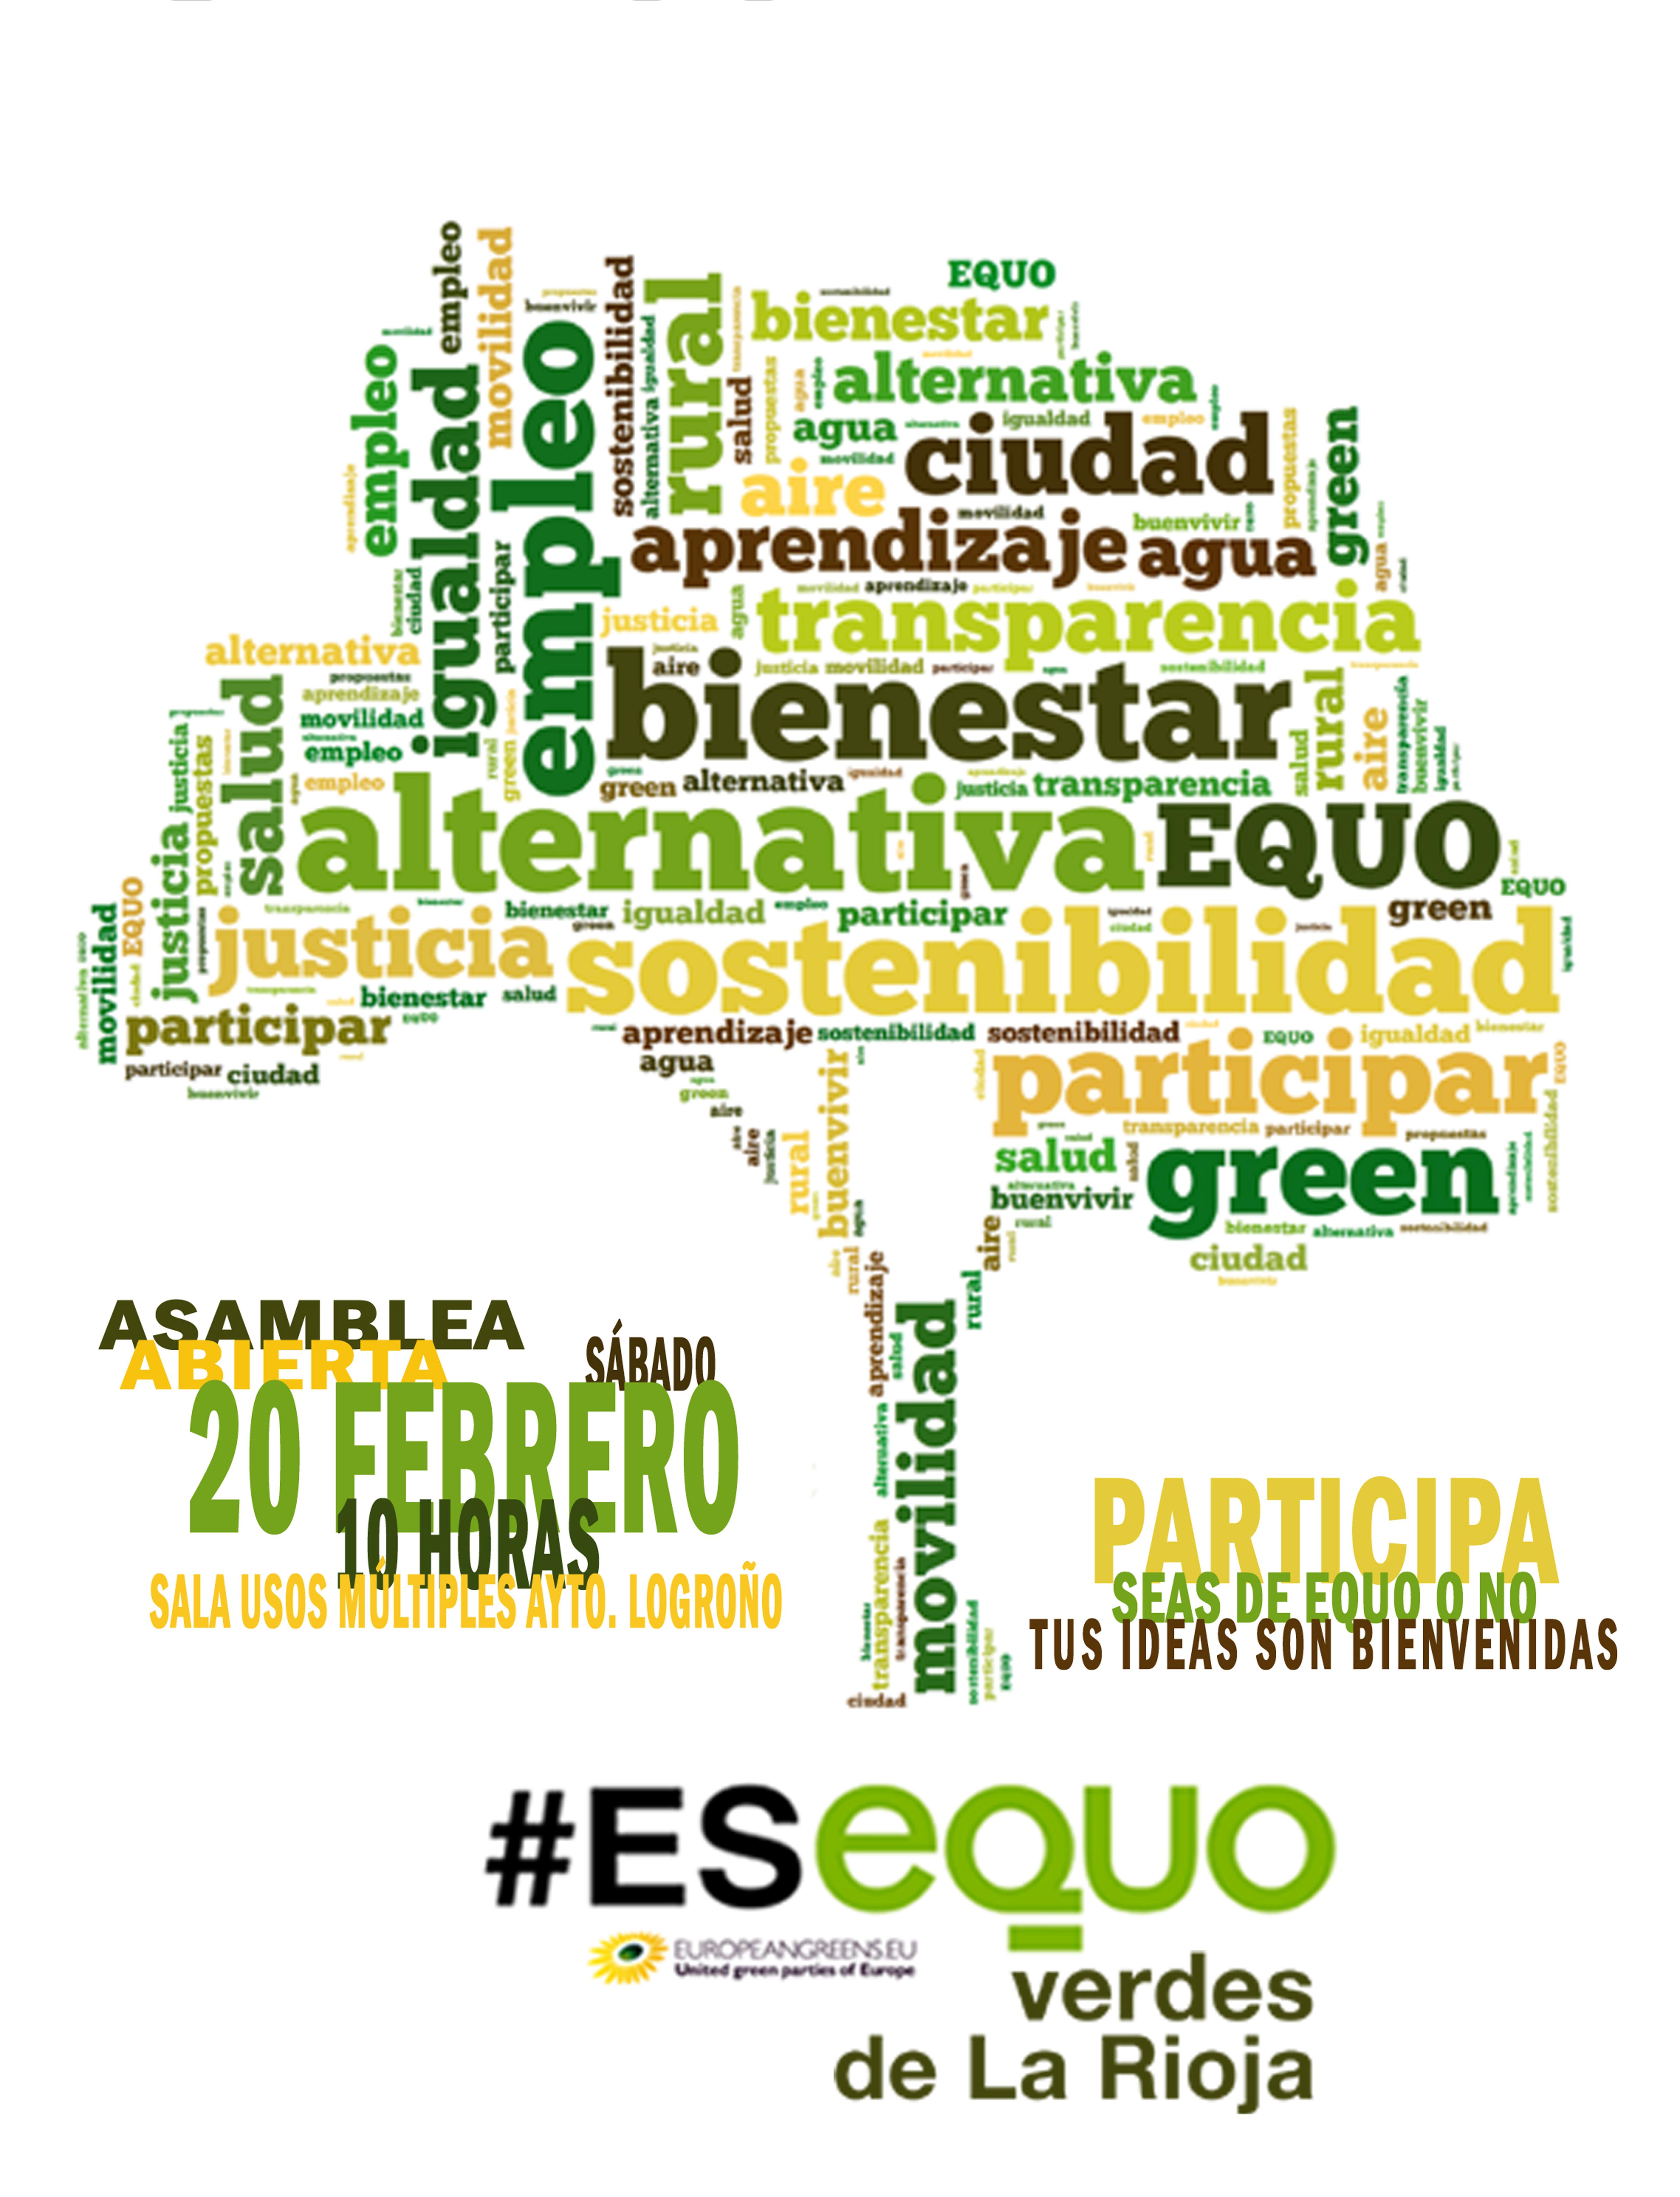 AsambleaEquo-Verdes_grande_1